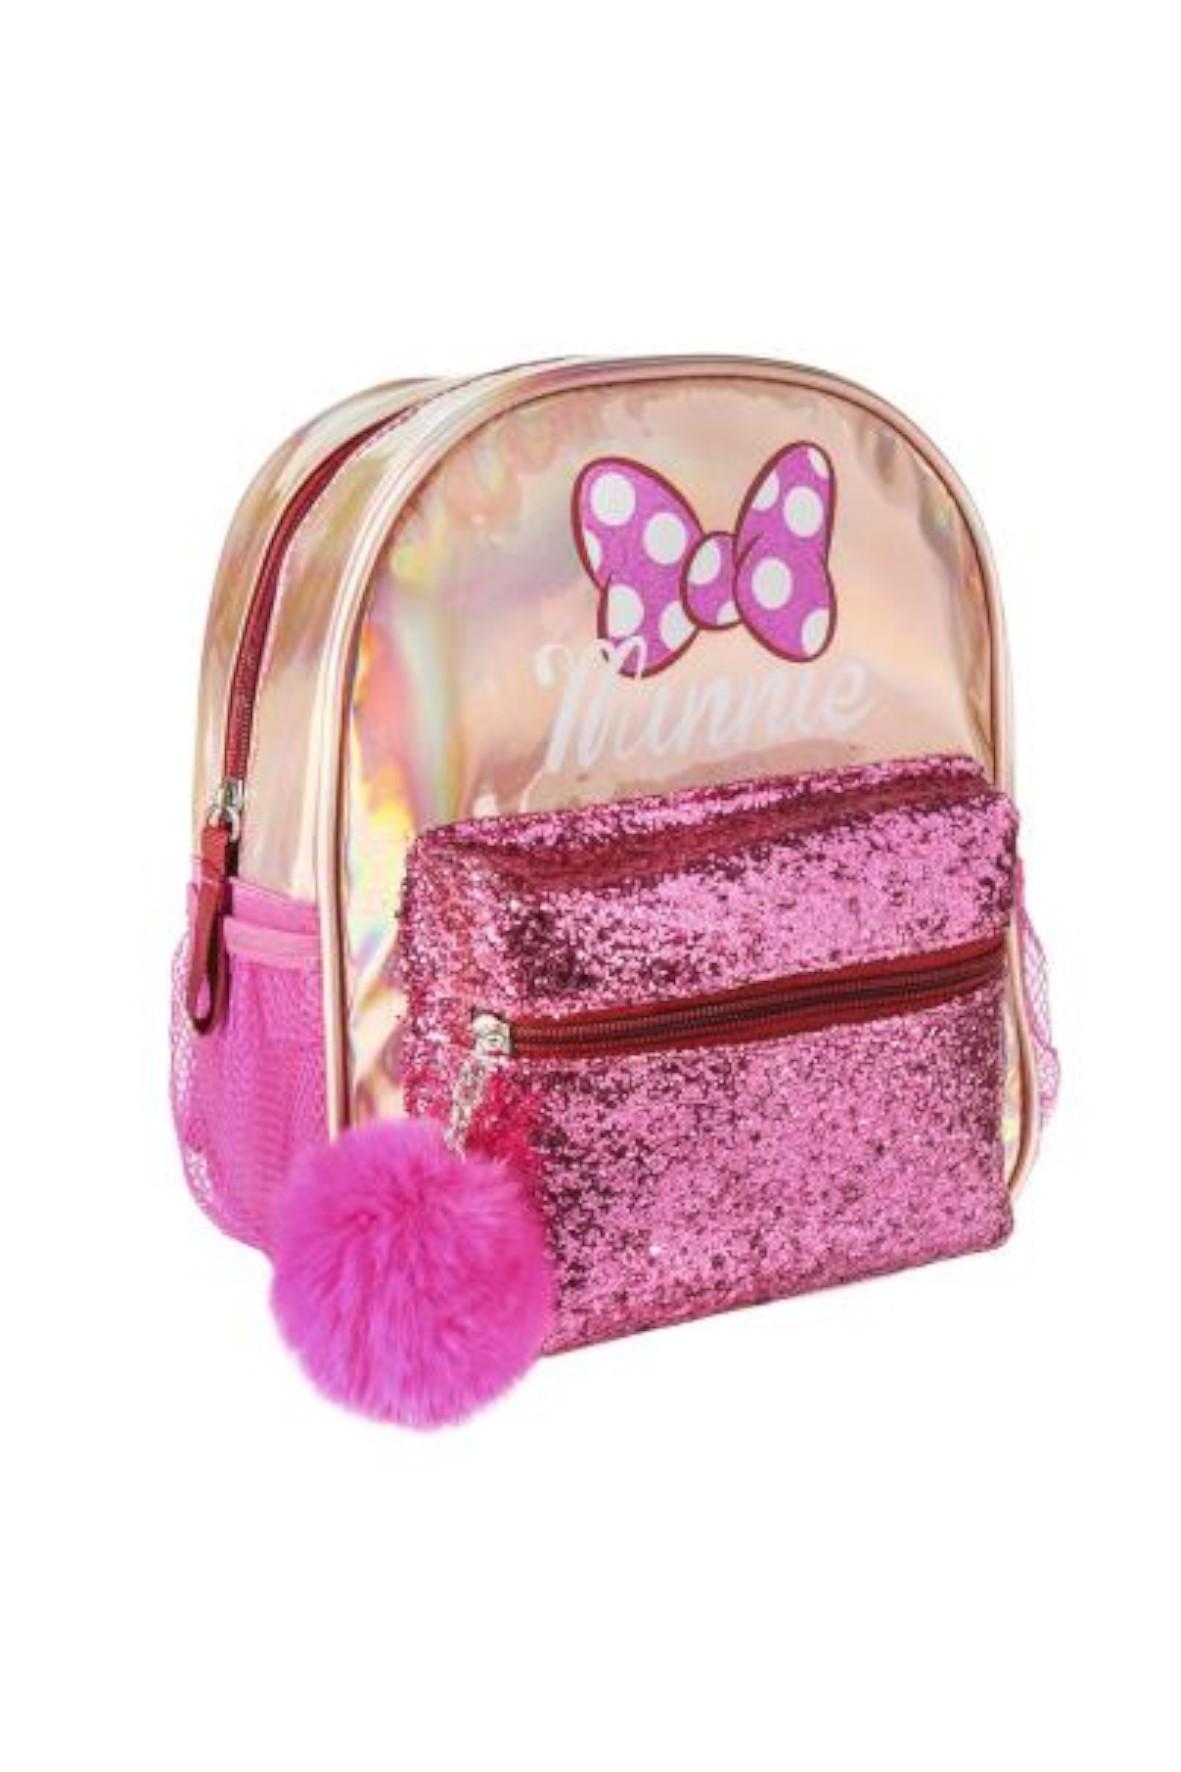 Plecak Fashion Minnie- różowy z brokatową kieszenią i wisiorkiem